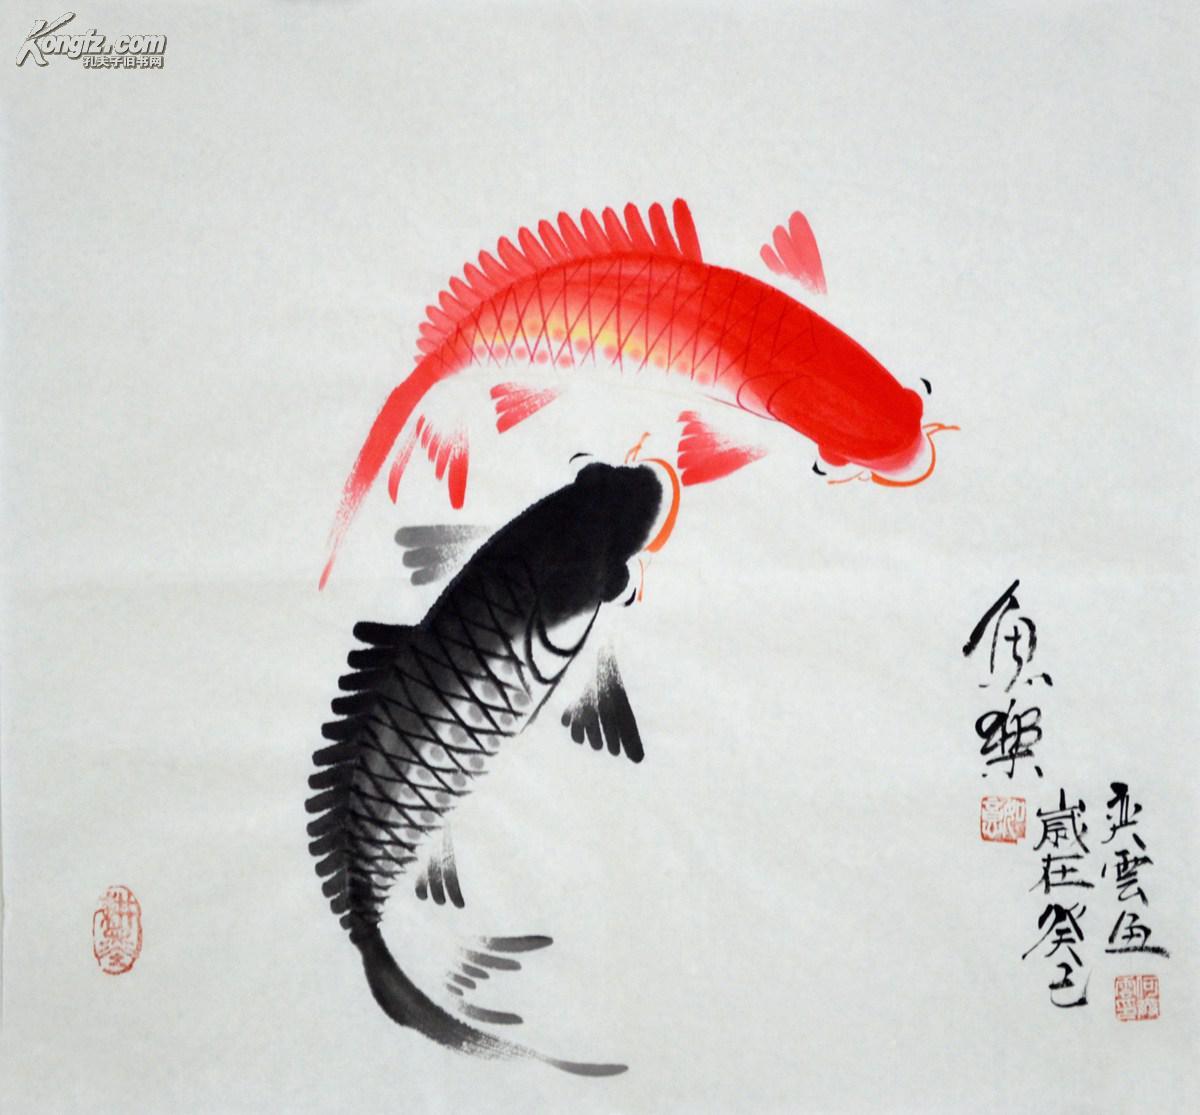 国画鱼_三尺斗方国画鲤鱼图《鱼乐》hn1470 拍品编号:18100111